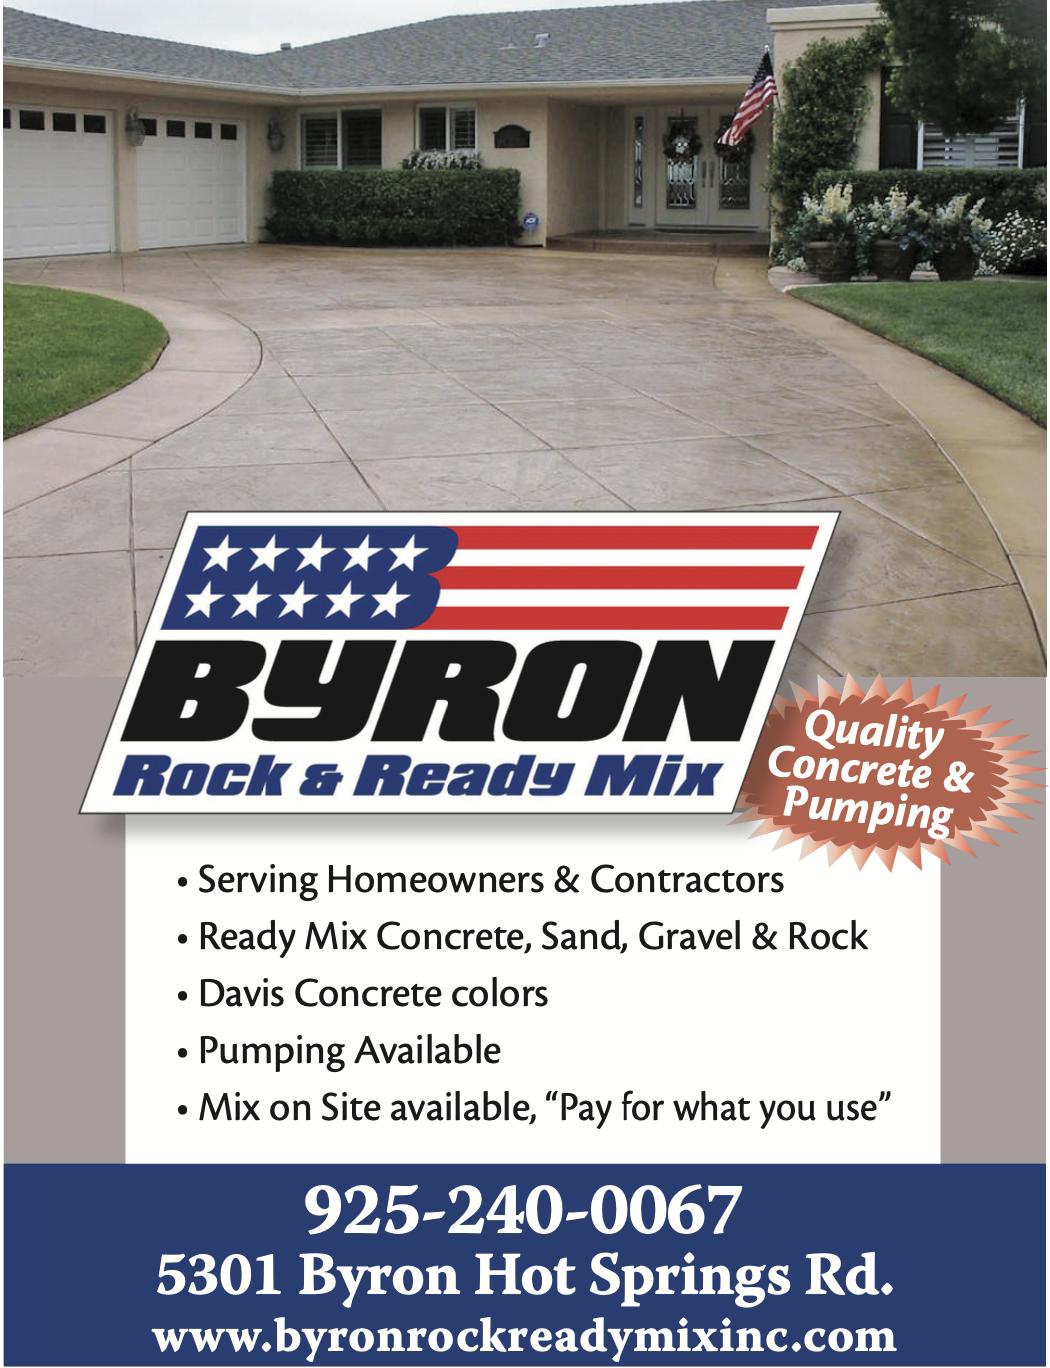 Byron Rock & Ready Ad